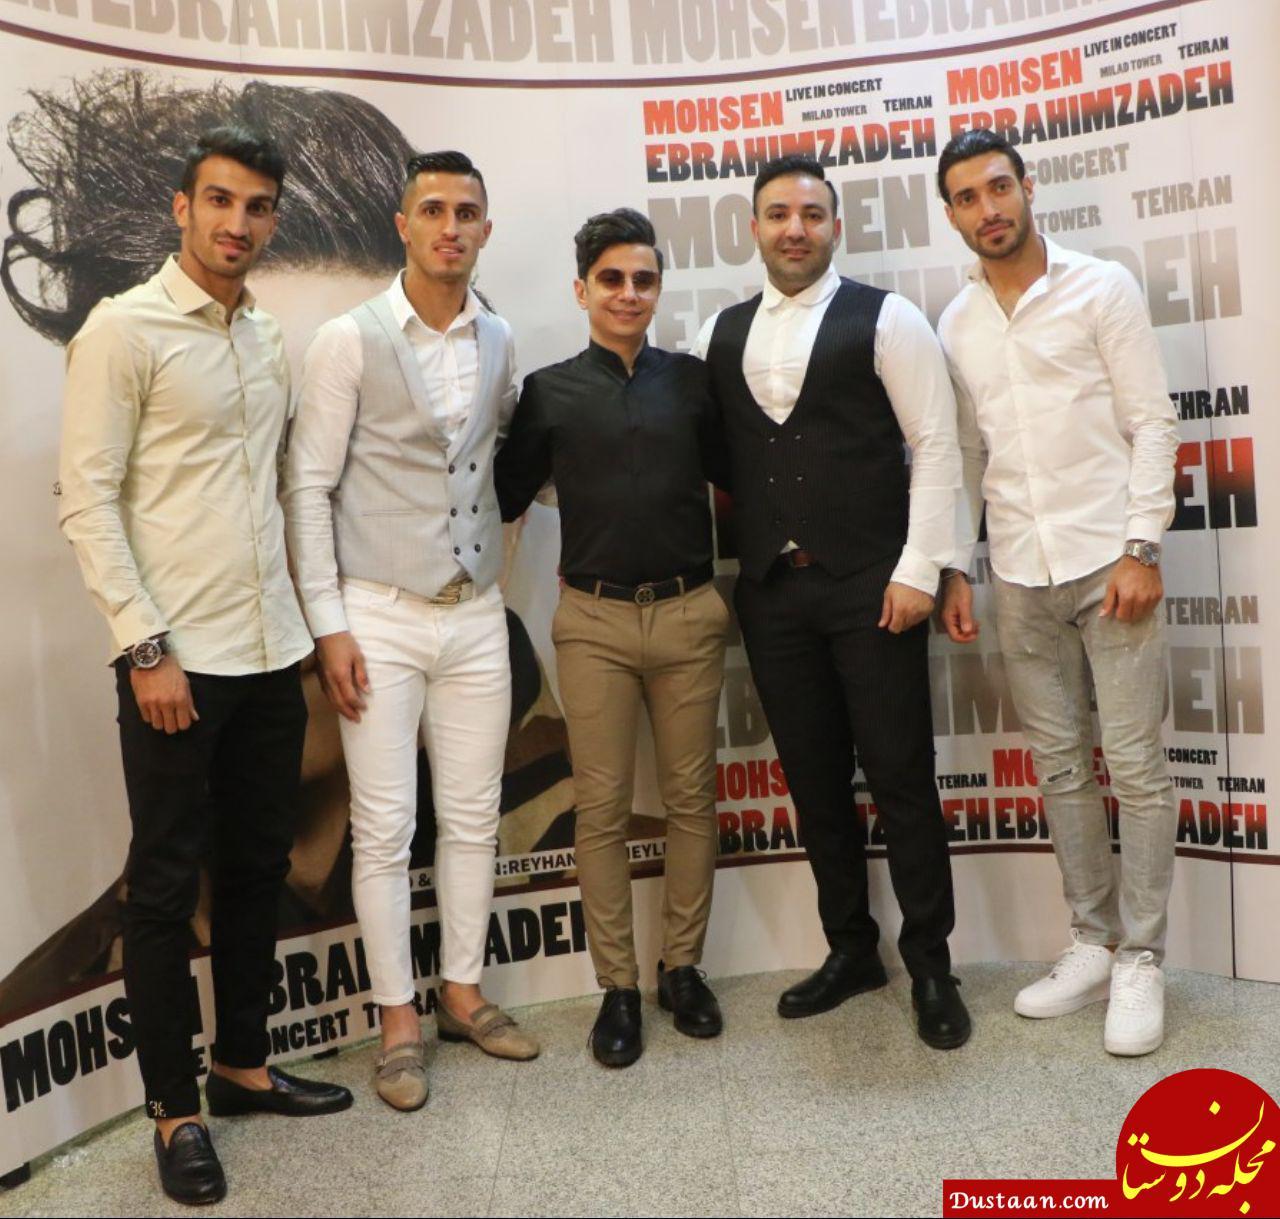 www.dustaan.com محسن ابراهیم زاده بعنوان خواننده فینال انتخاب شد